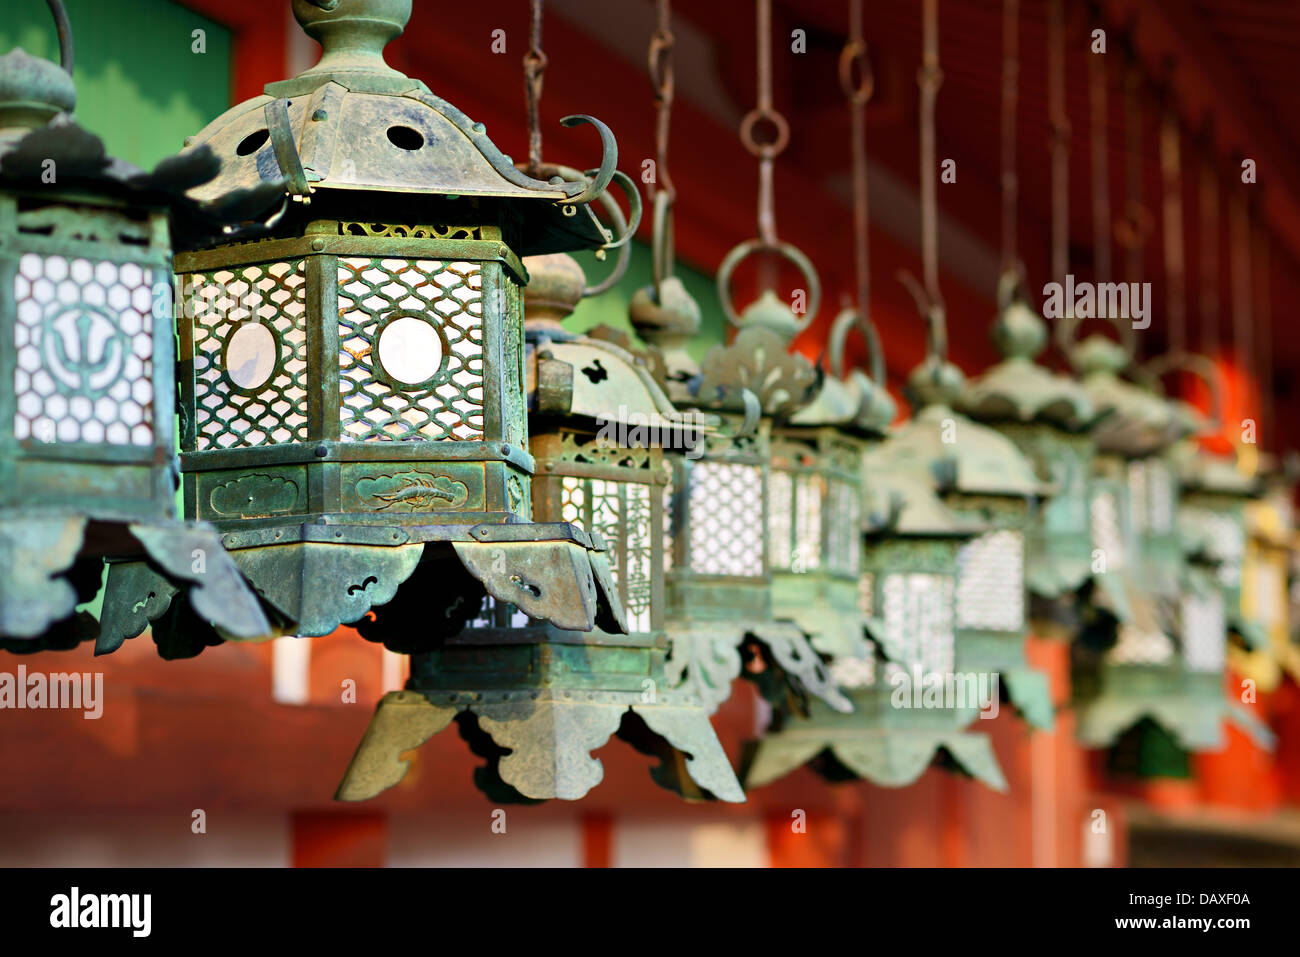 Les lanternes au temple bouddhiste de Kasuga Taisha Temple de Nara, au Japon. Photo Stock